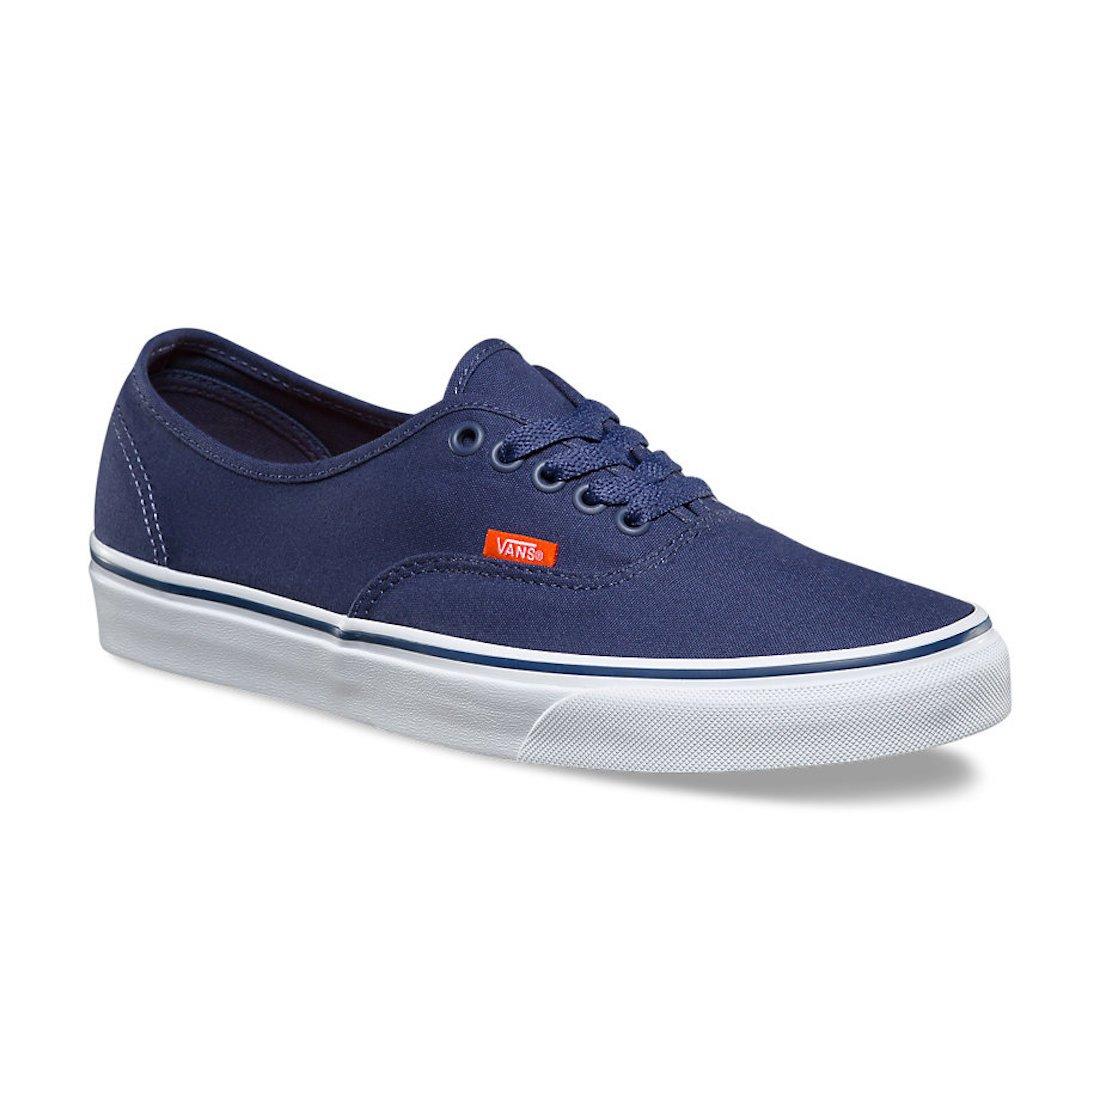 Vans Unisex Authentic Shoes Pop Canvas Crown Blue/True White Size M10 W11.5